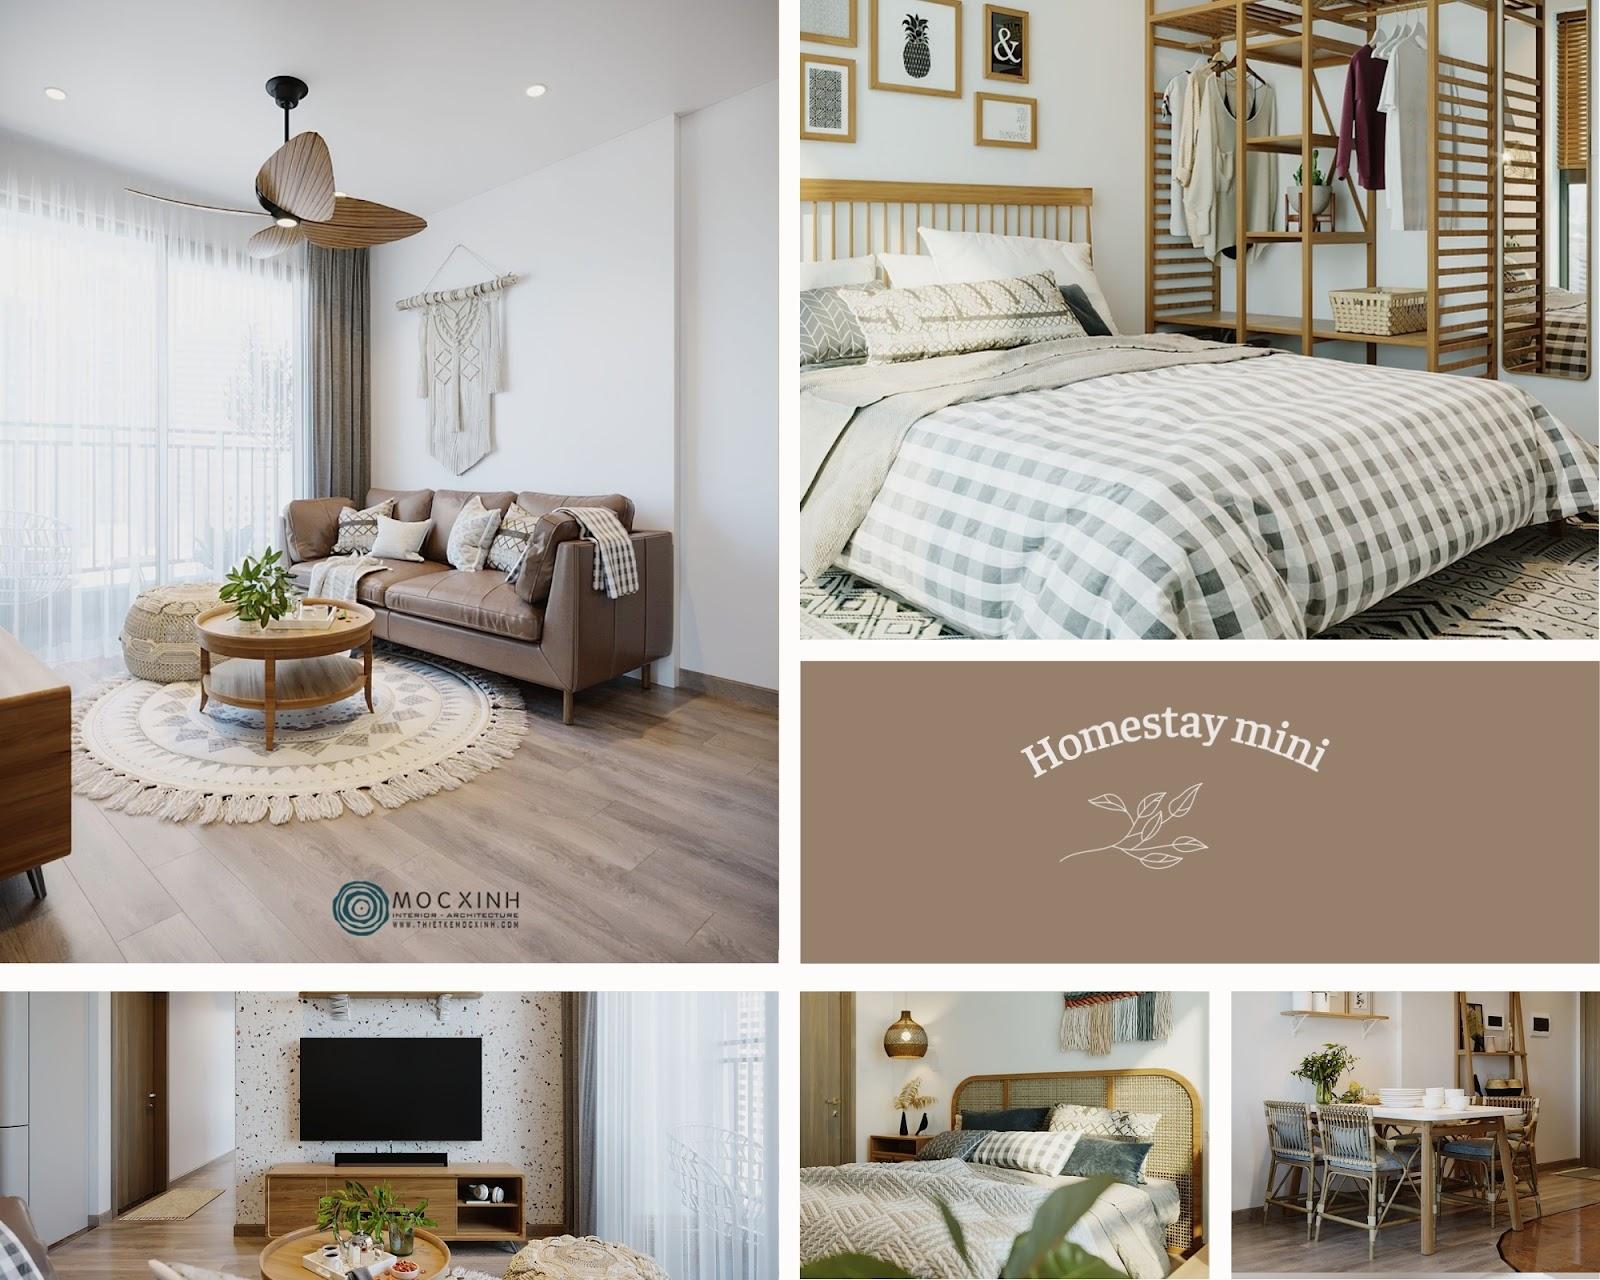 Thiết kế homestay nổi bật cho không gian căn hộ